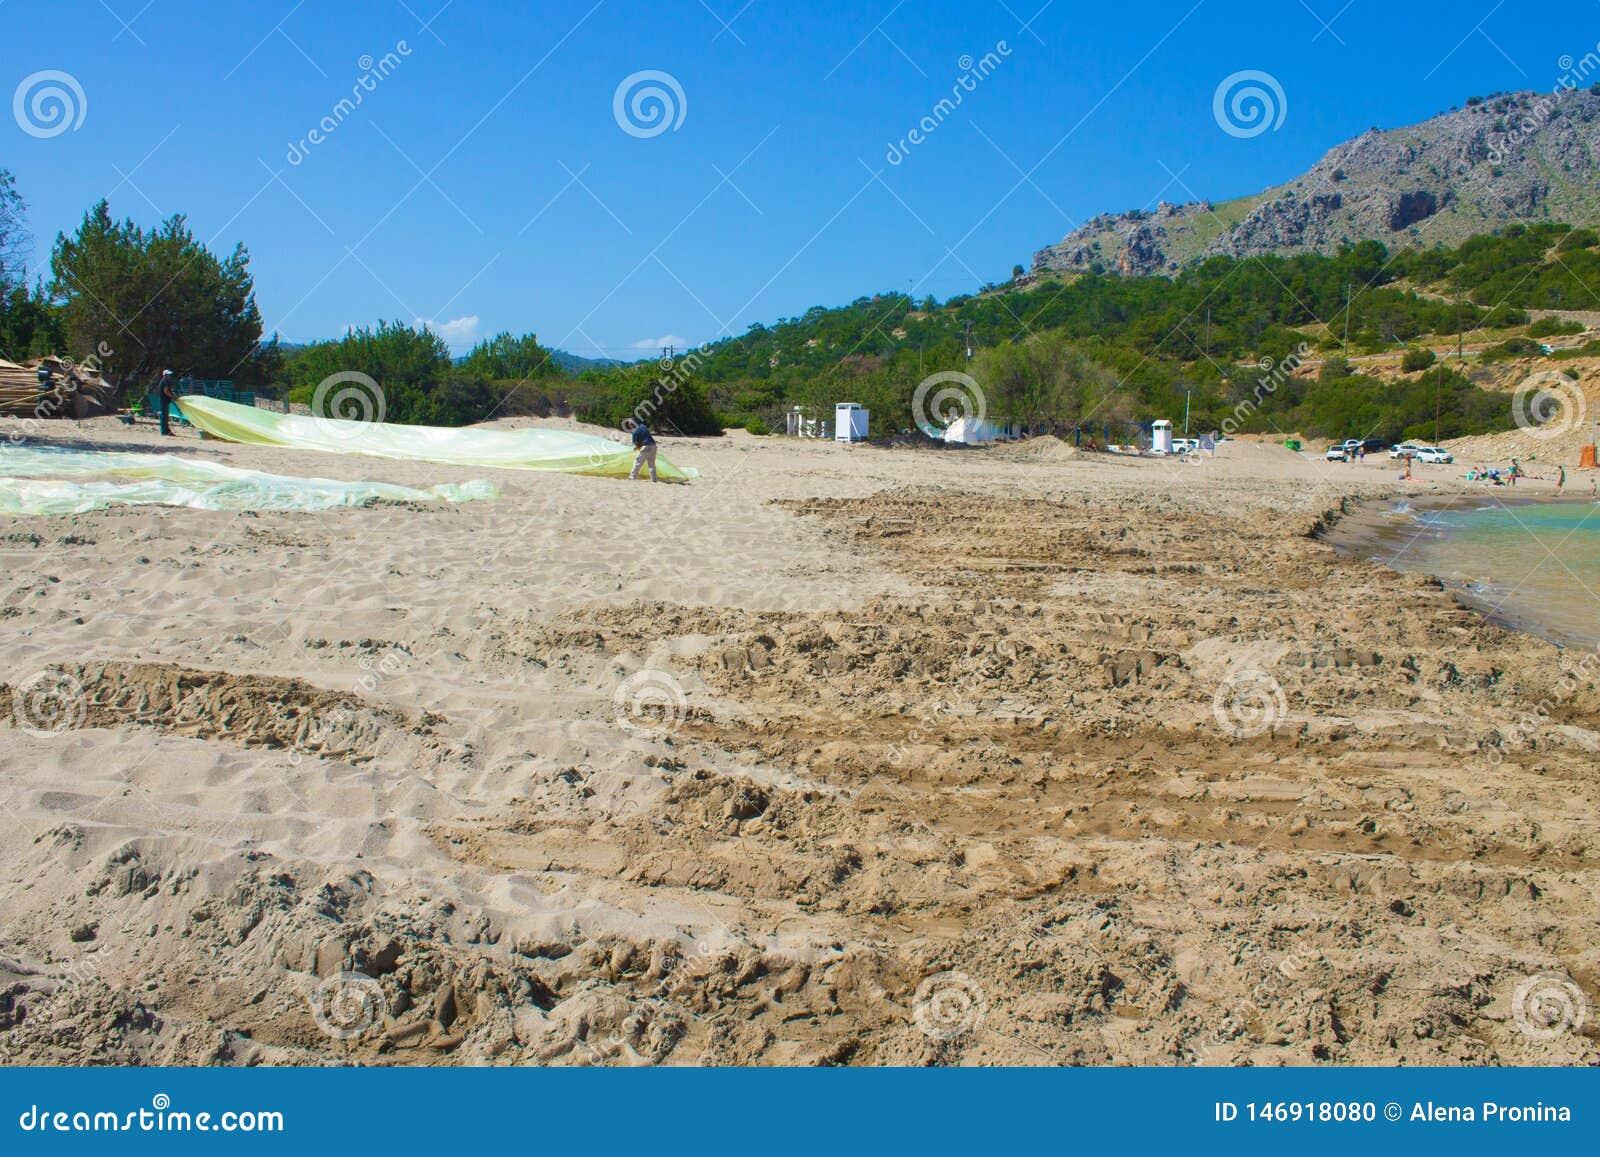 Родос, Греция, апрель 2019 2 люд складывают полиэтилен на пляже, подготавливают пляж в заливе на сезон